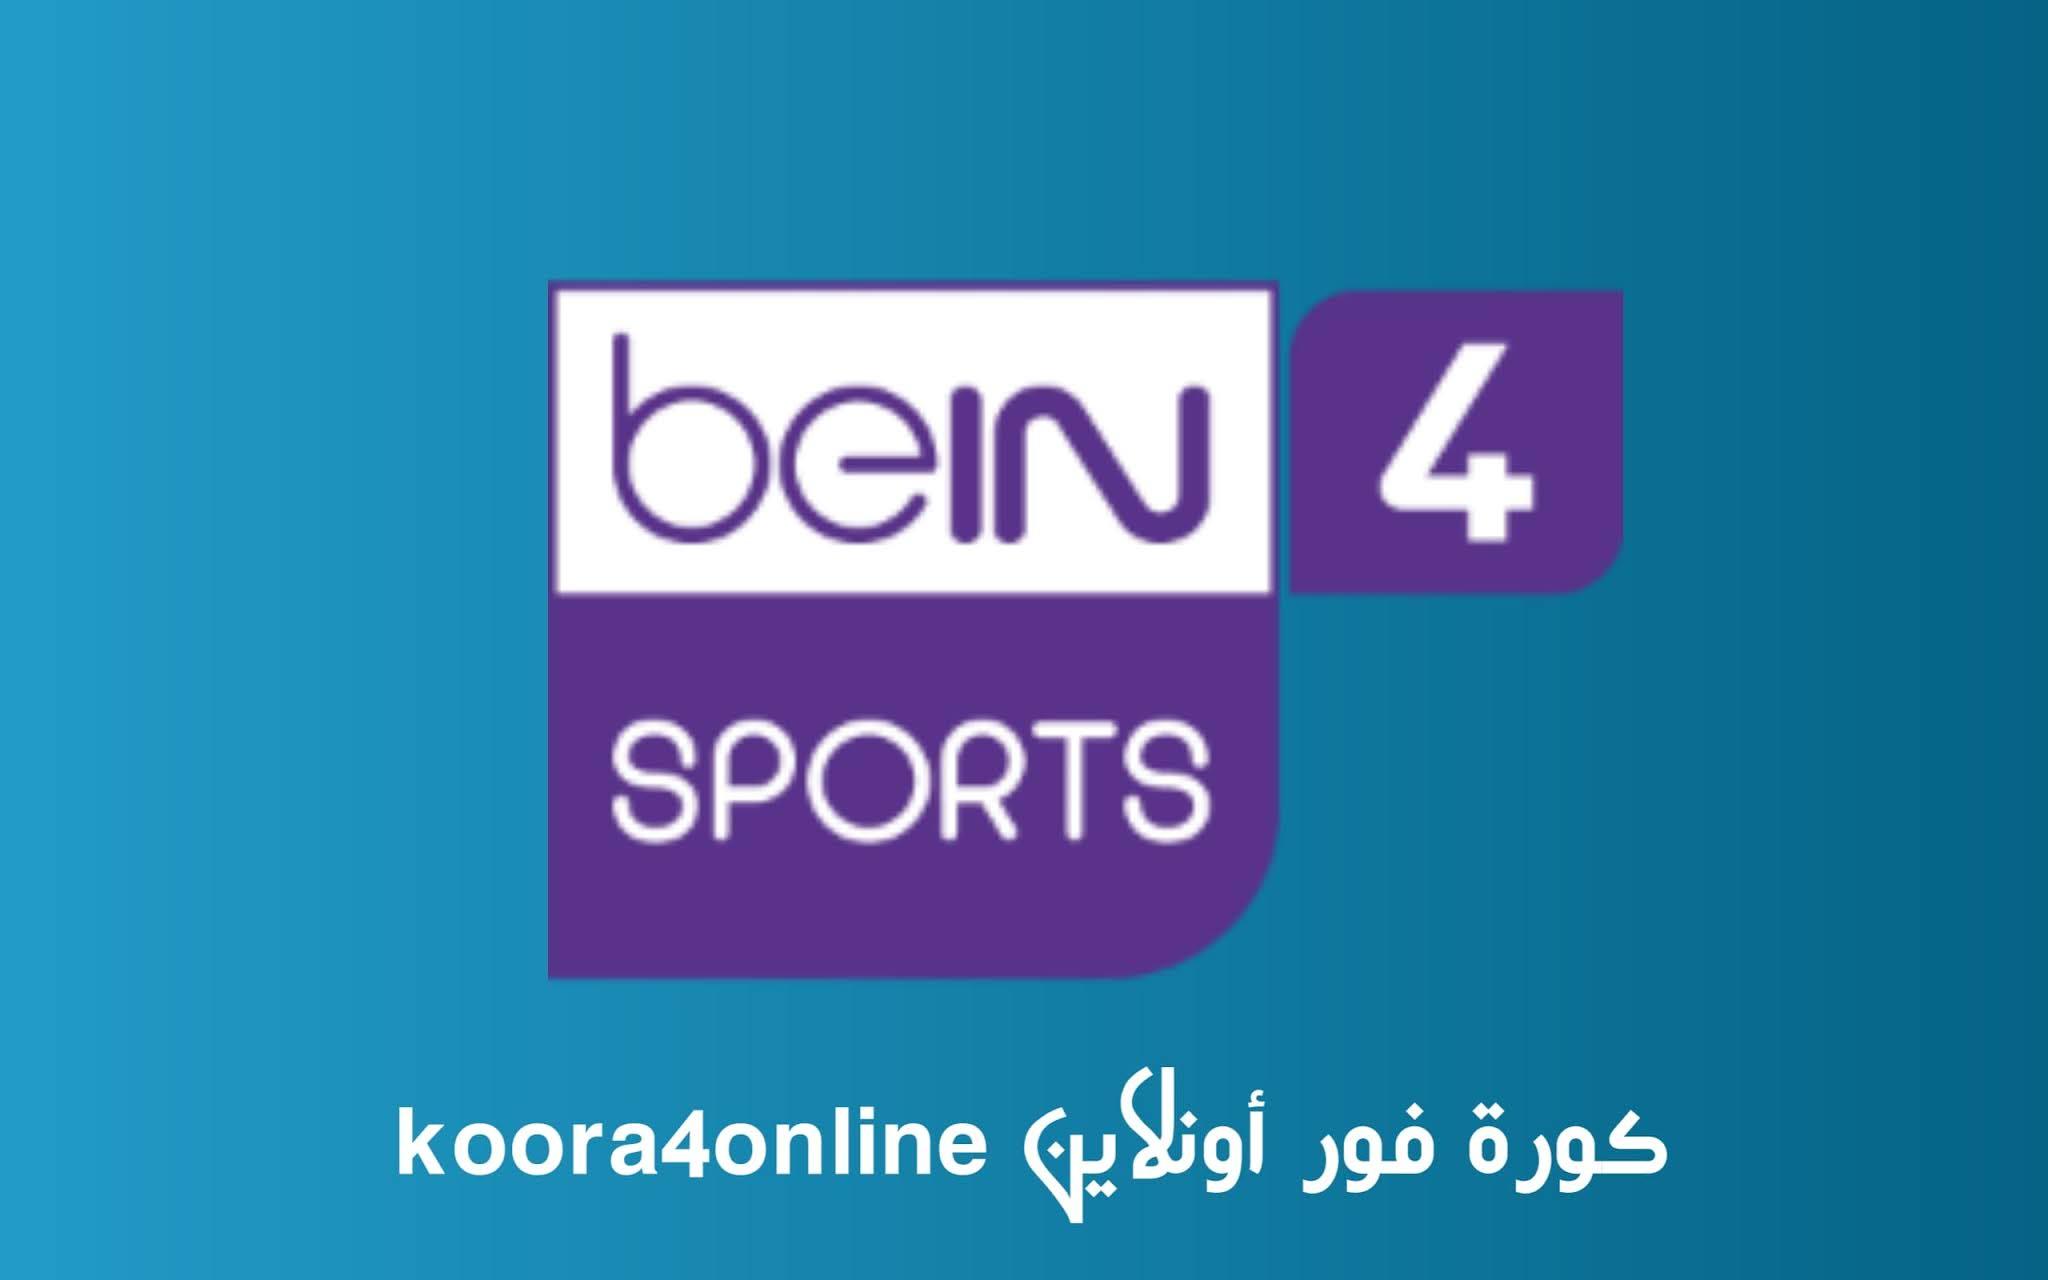 مشاهدة قناة بي إن سبورت لايف 4 - bein sports 4hd - كورة فور أونلاين